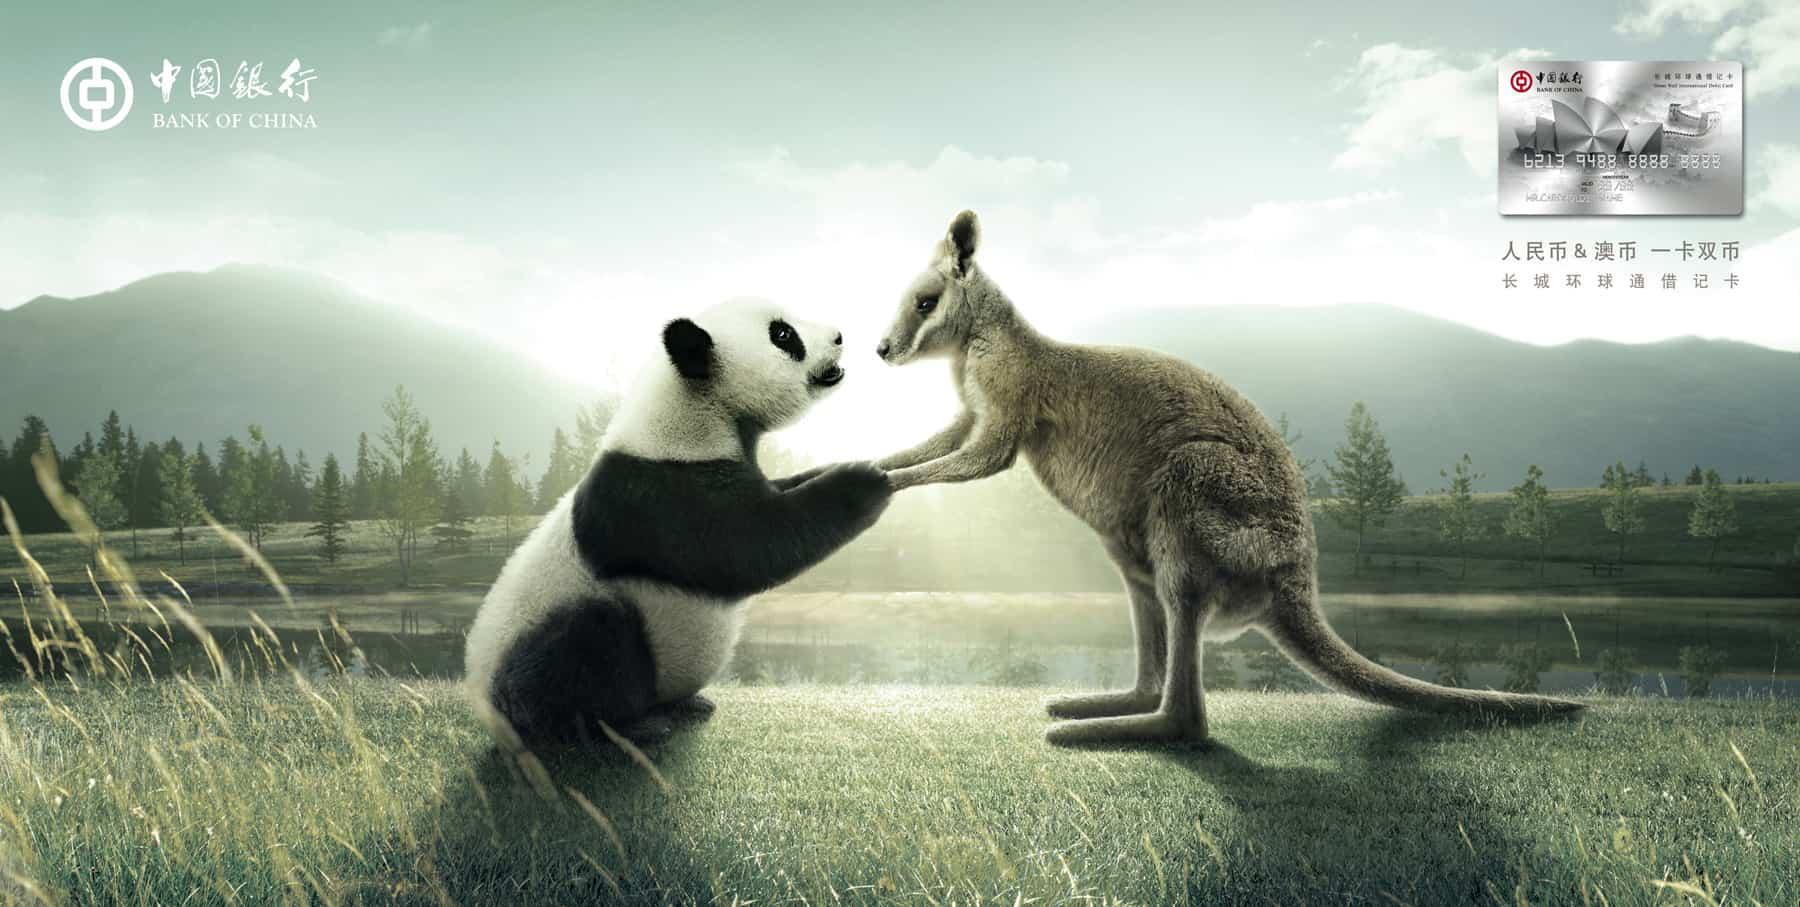 Bank of China Ad